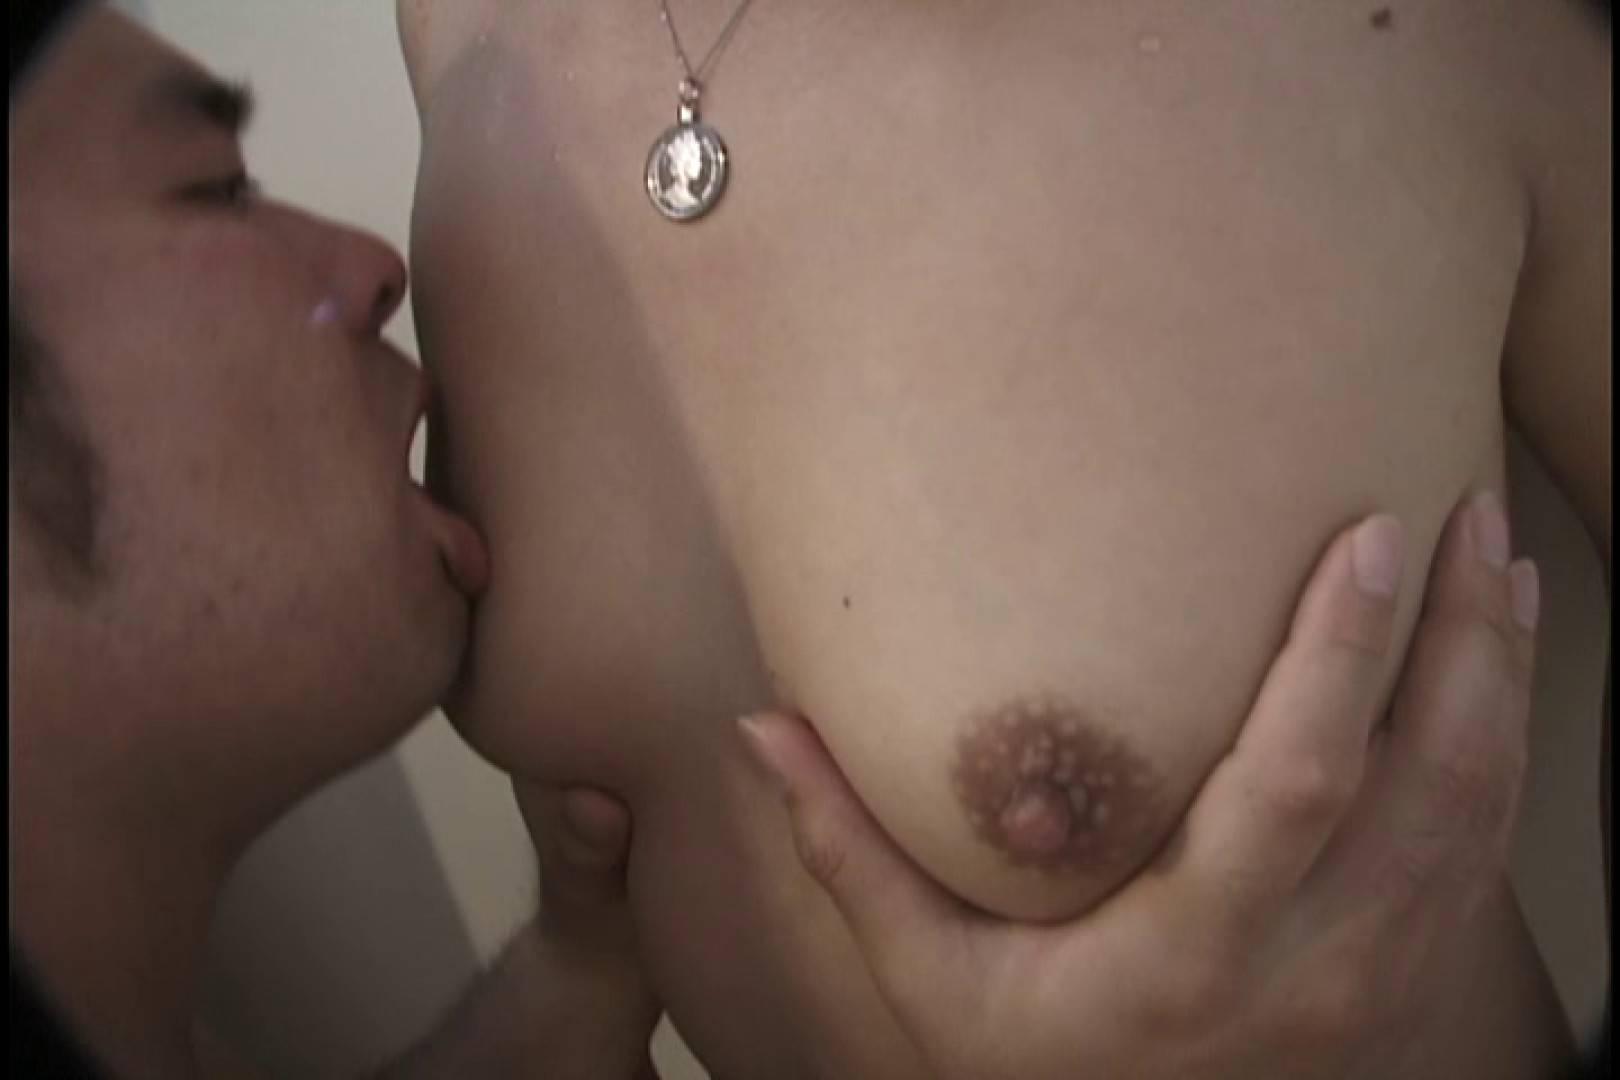 昼間の奥様は欲求不満 ~柴田清美~ 人妻のエッチ 濡れ場動画紹介 91pic 59